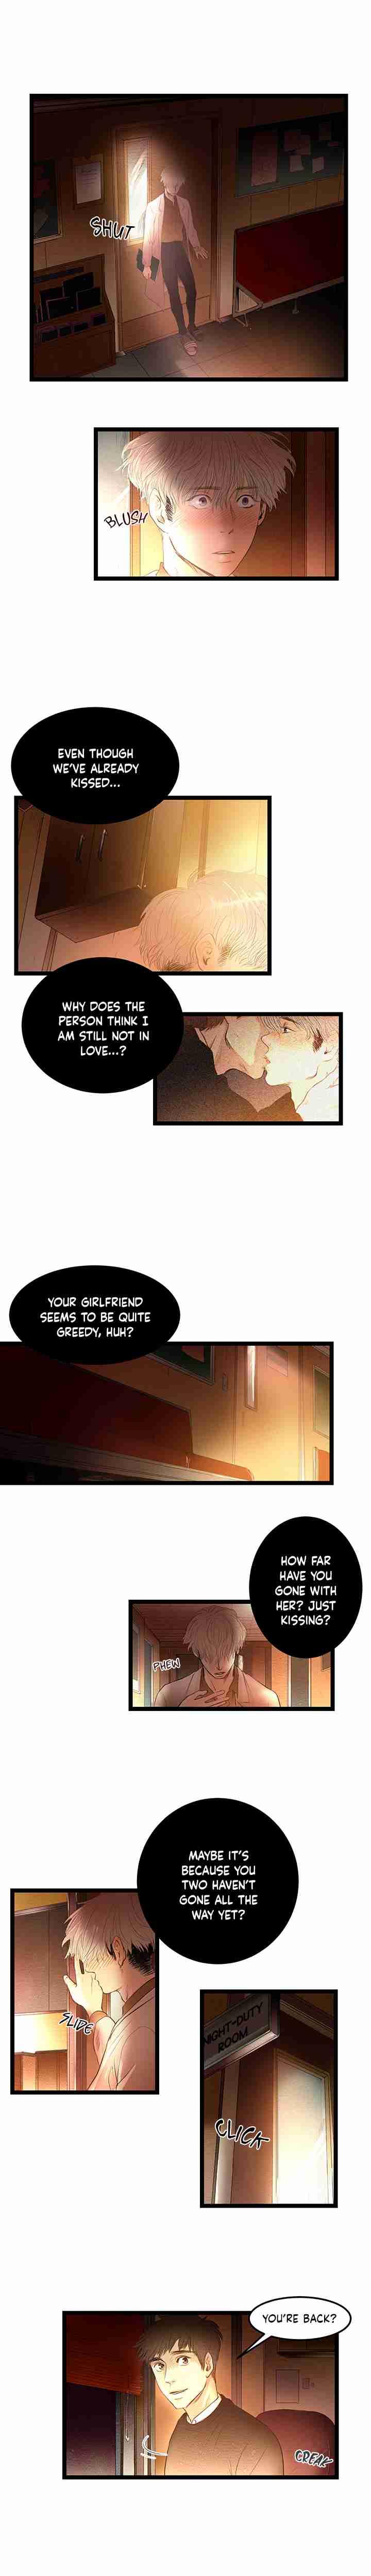 https://manga.mangadogs.com/comics/pic2/10/32394/917494/207cf5913fec6fb2199bf062ad6e8abb.jpg Page 1